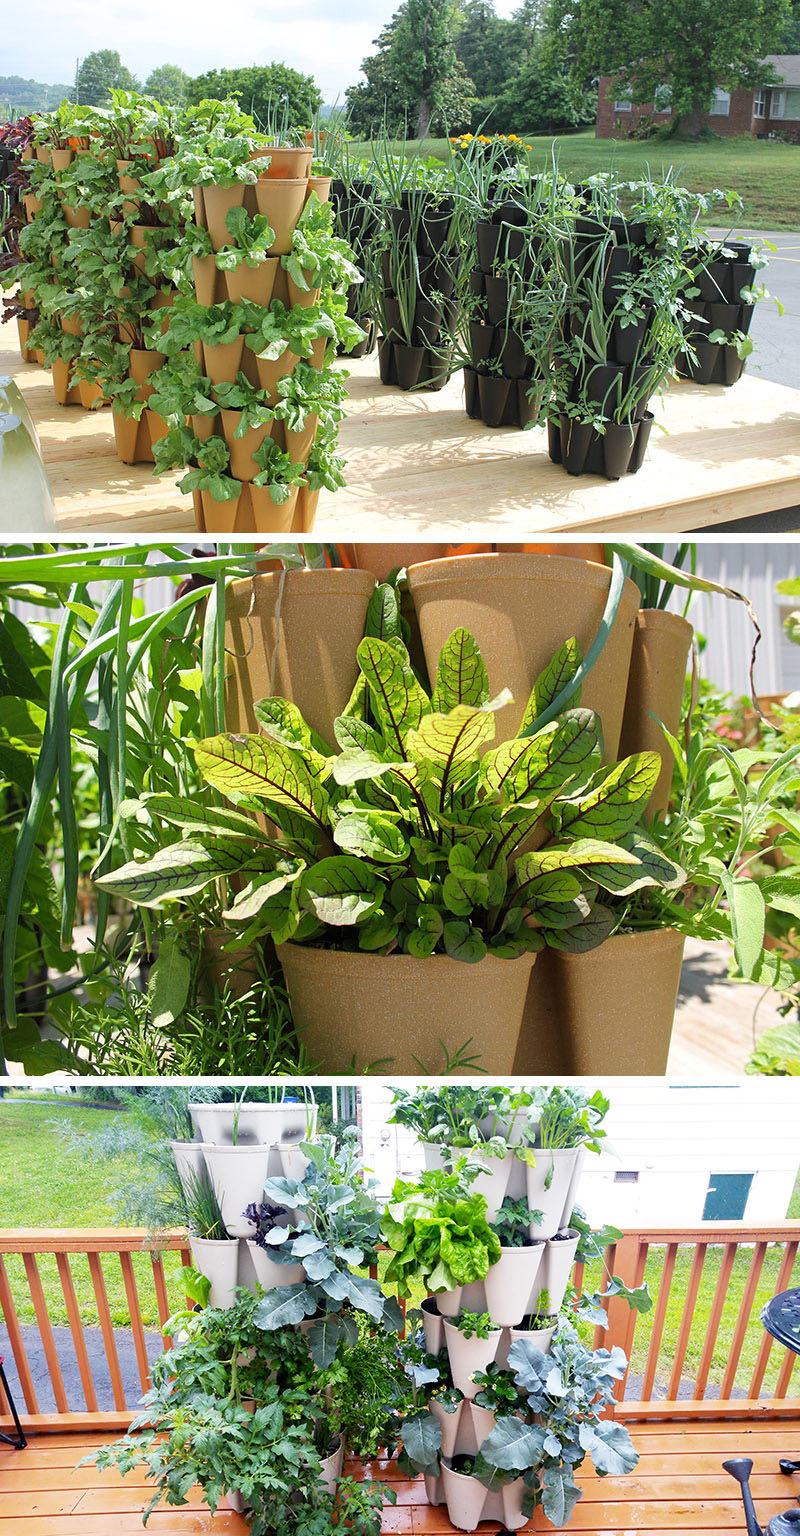 5 Vertical Vegetable Garden Ideas For Beginners | CONTEMPORIST